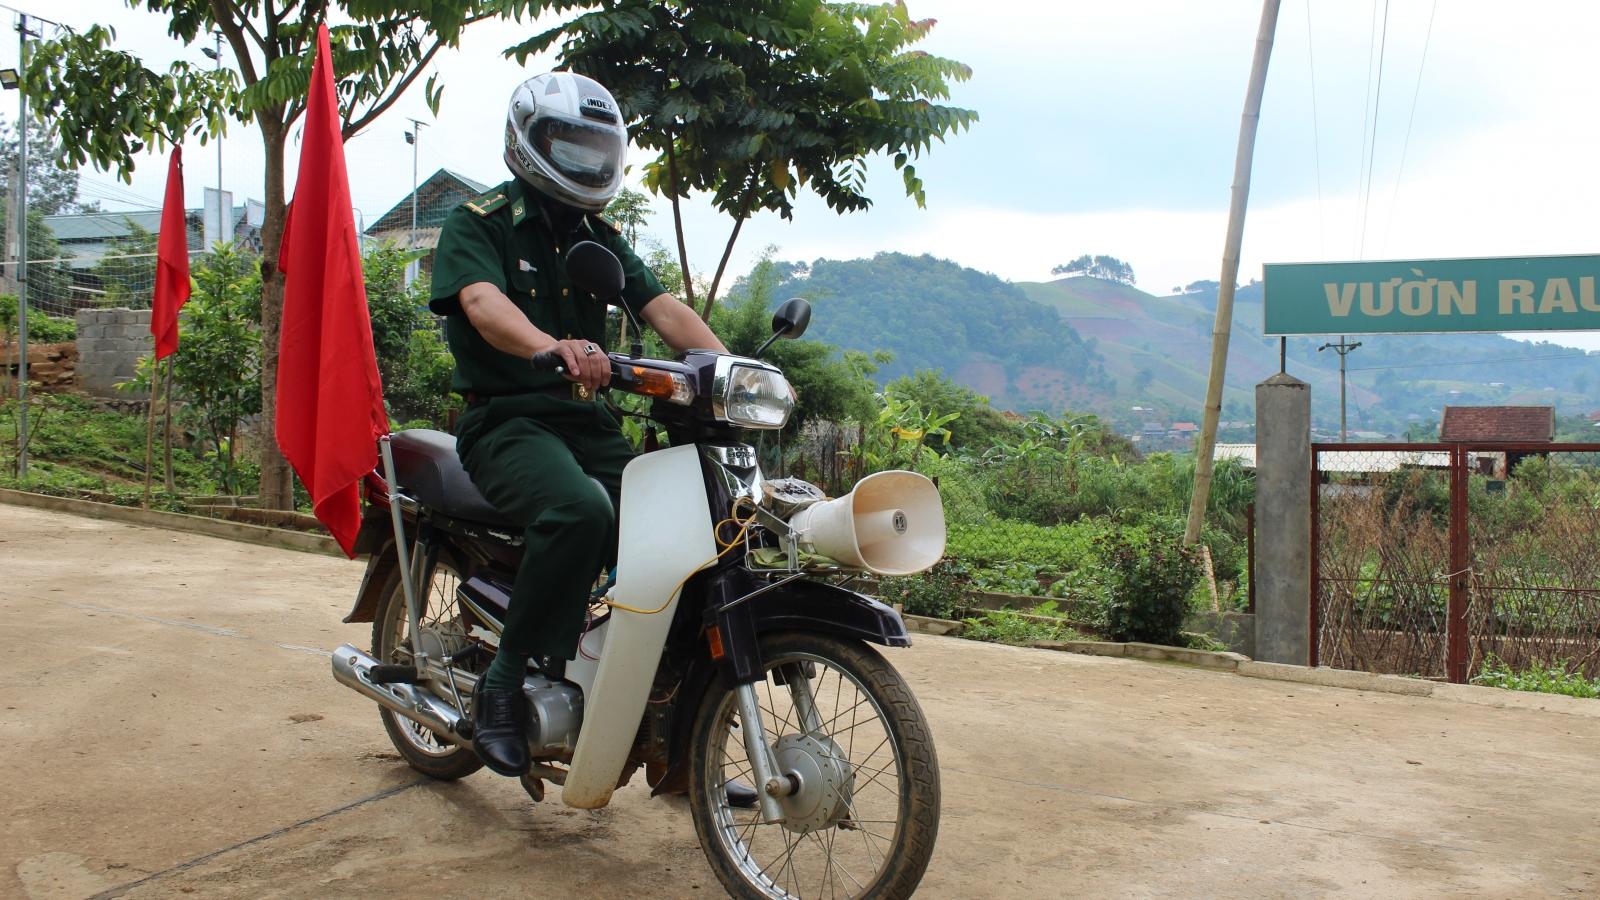 Bộ đội Biên phòng vượt núi, băng rừng tuyên truyền bầu cử